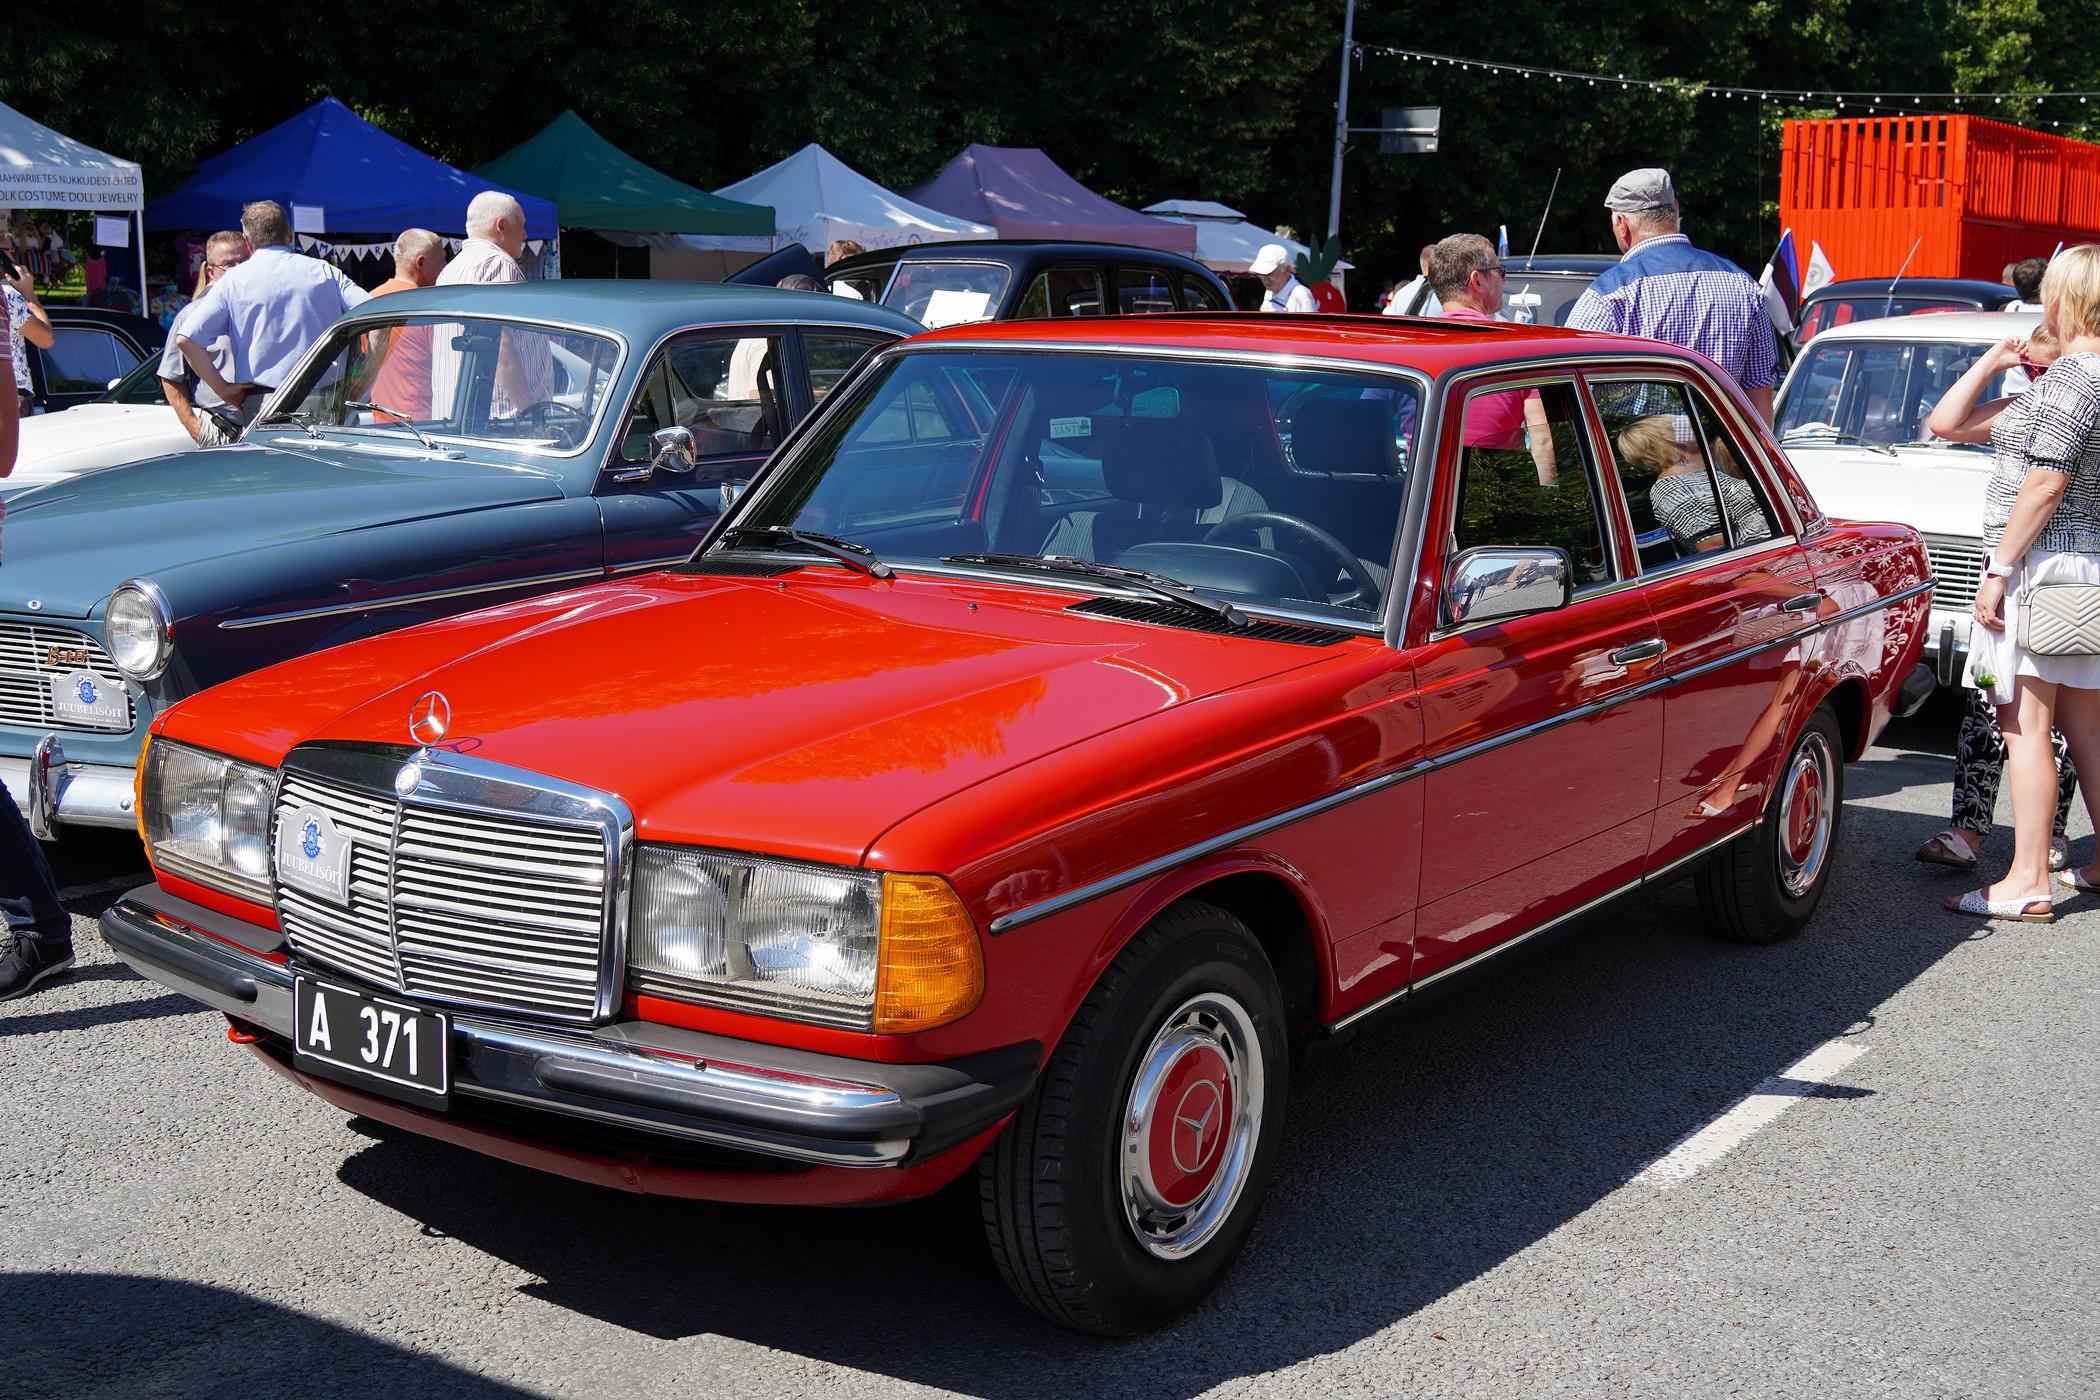 Ringiga tagasi. Mercedes-Benz W123